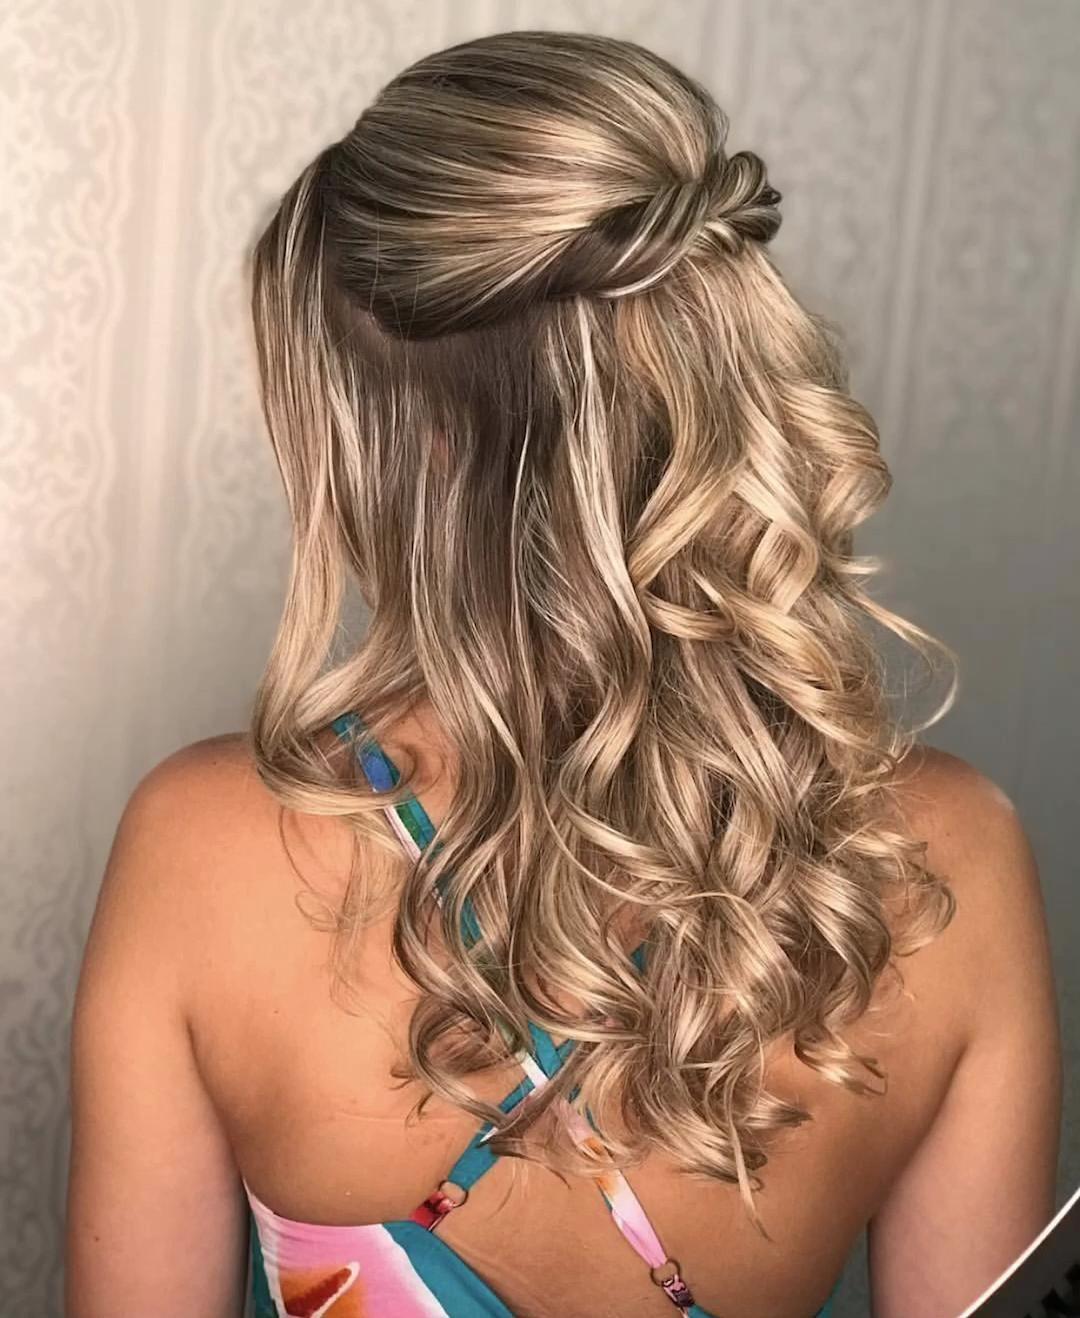 Penteado madrinha – Peinados facile